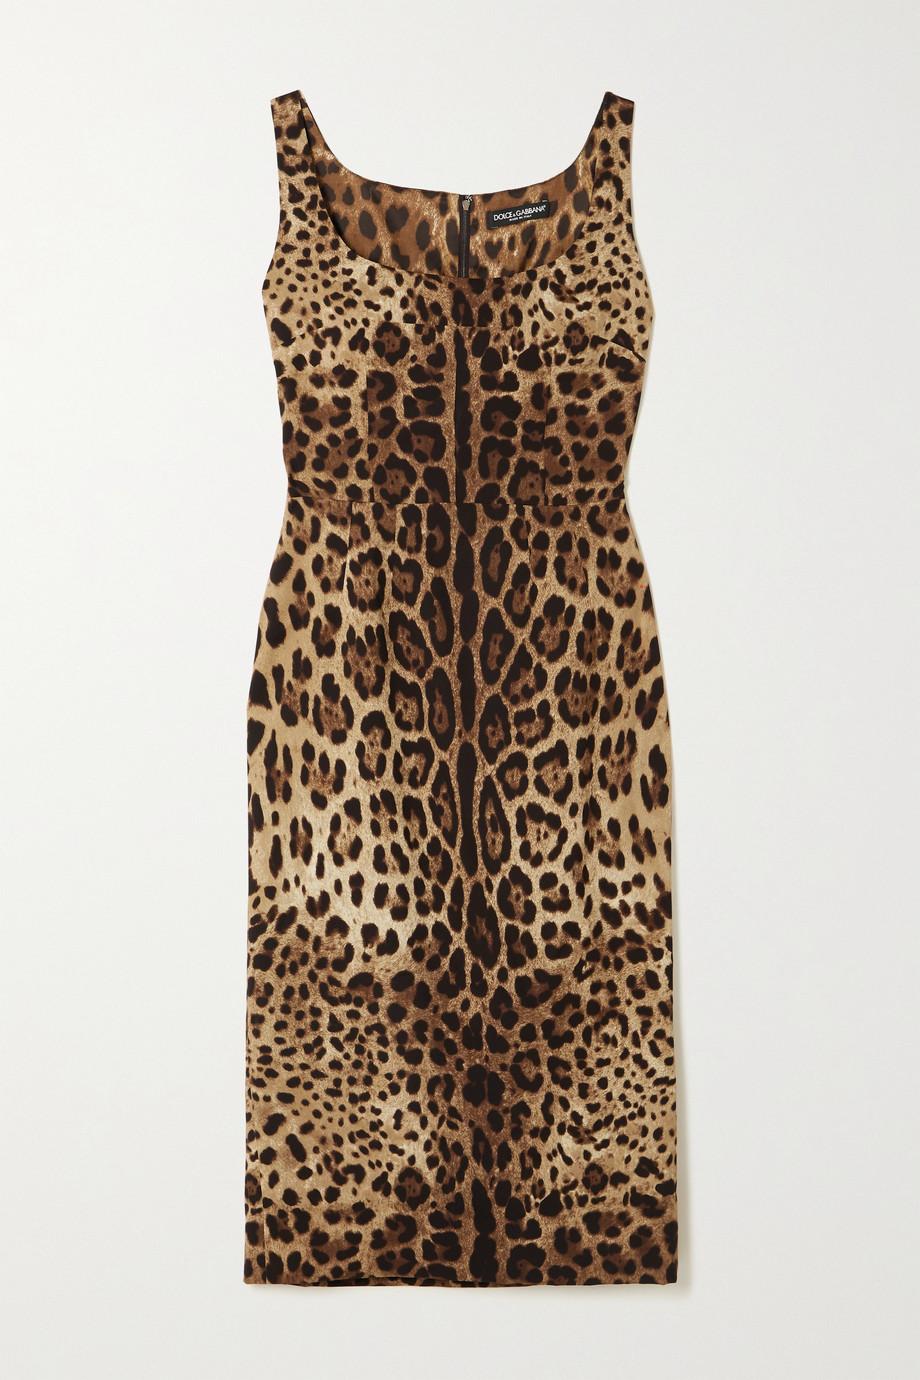 Dolce & Gabbana Robe midi en charmeuse de soie mélangée à imprimé léopard